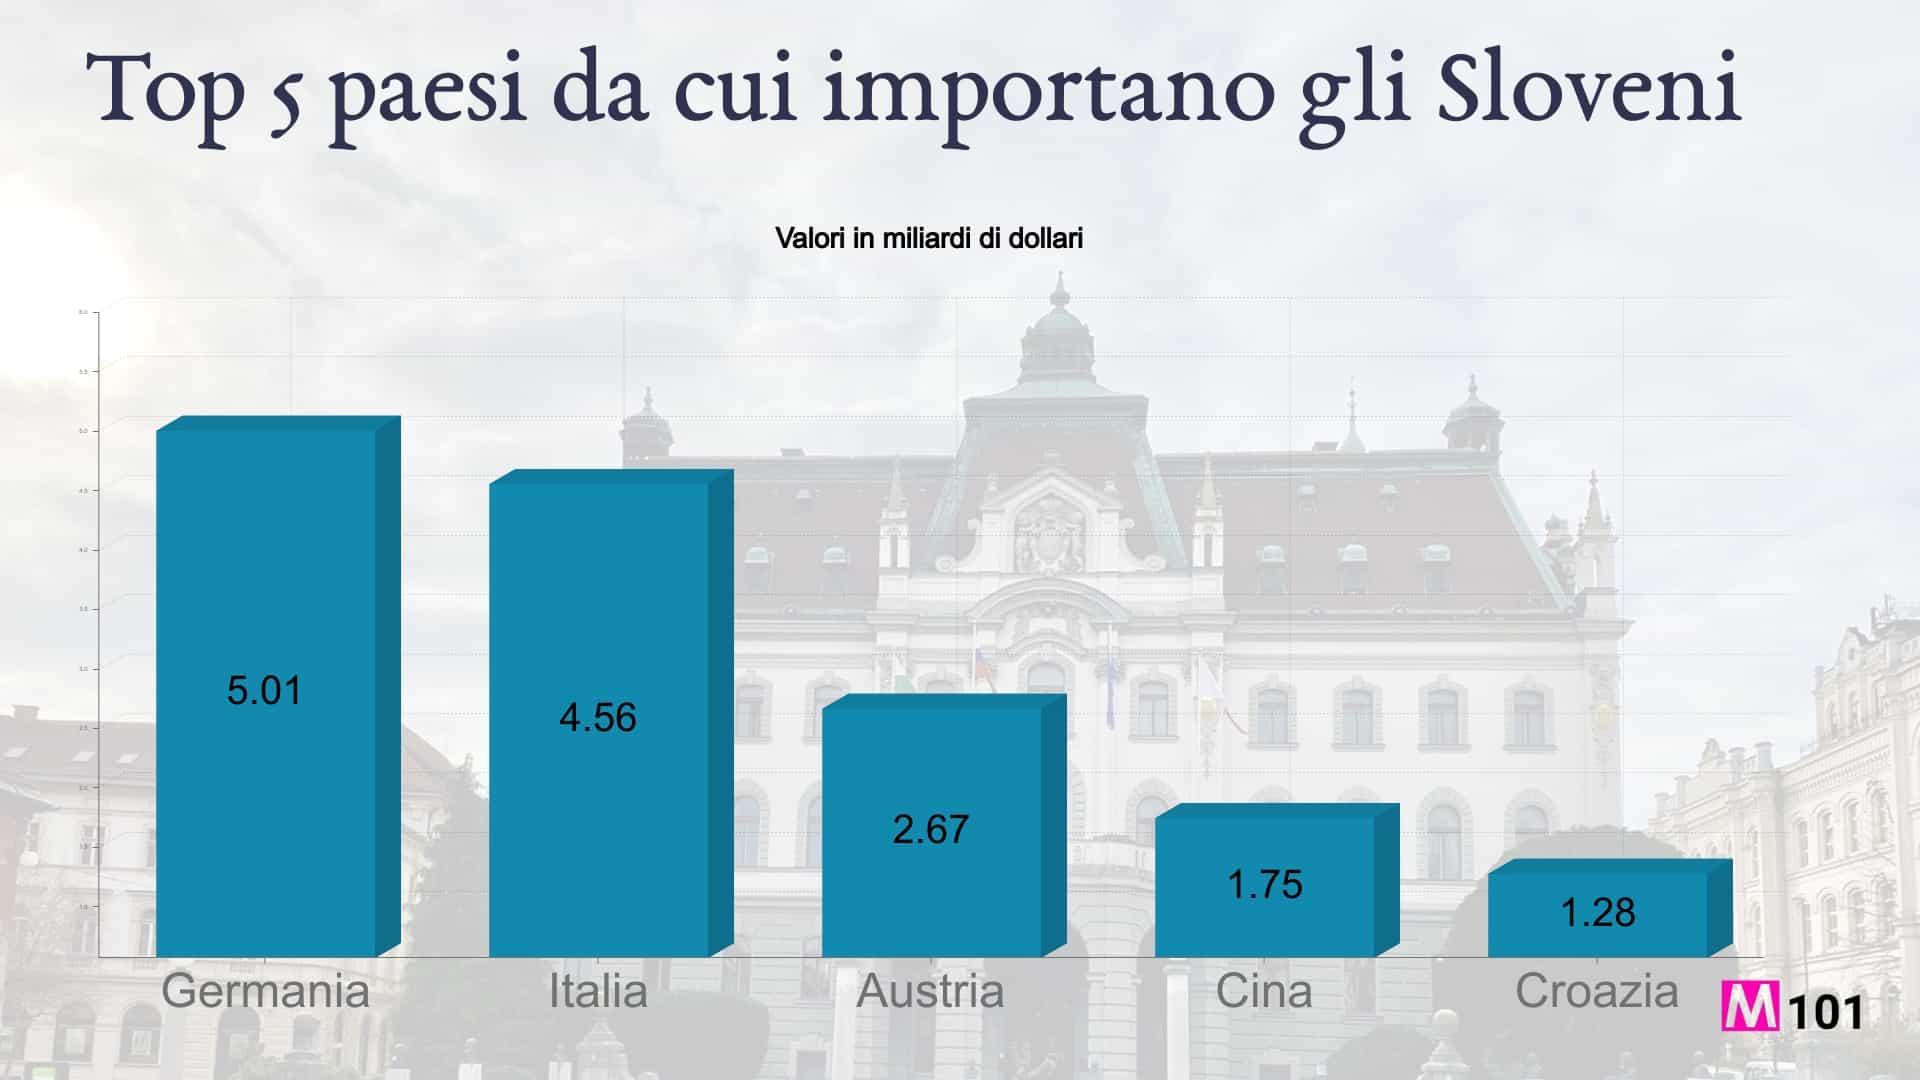 Paesi-da-cui-importano-gli-sloveni